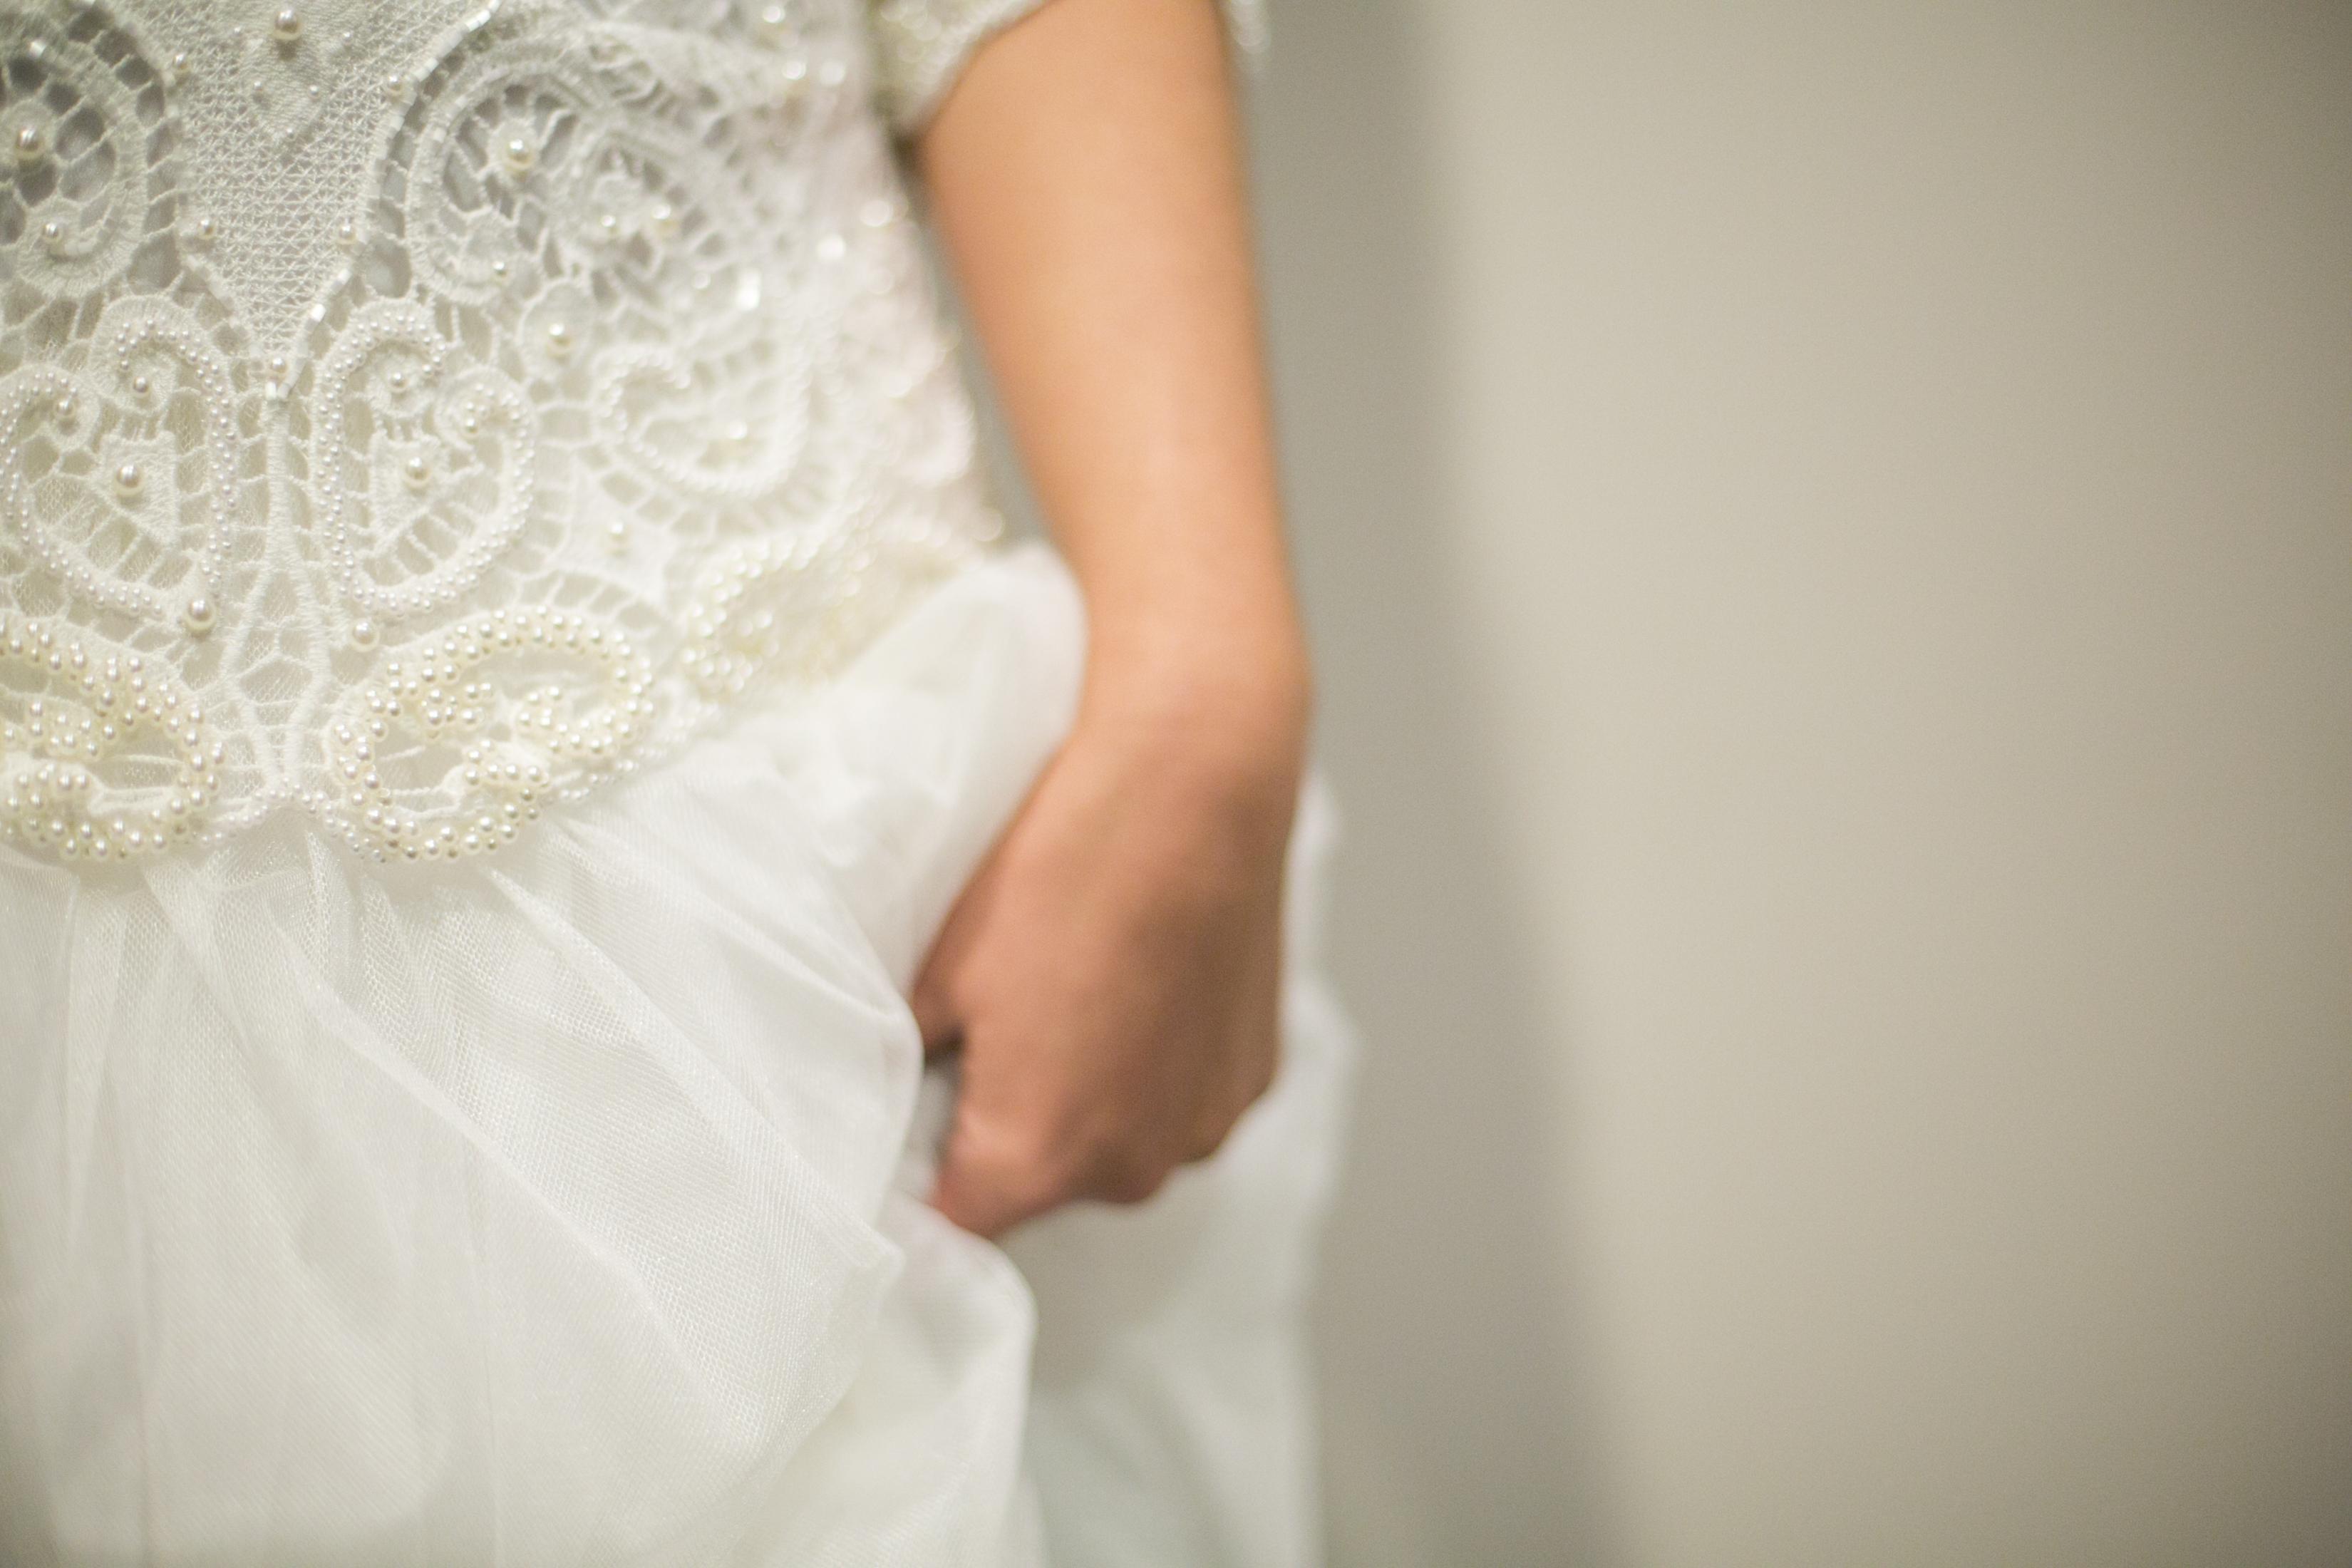 desgalhes vestido de renda branco